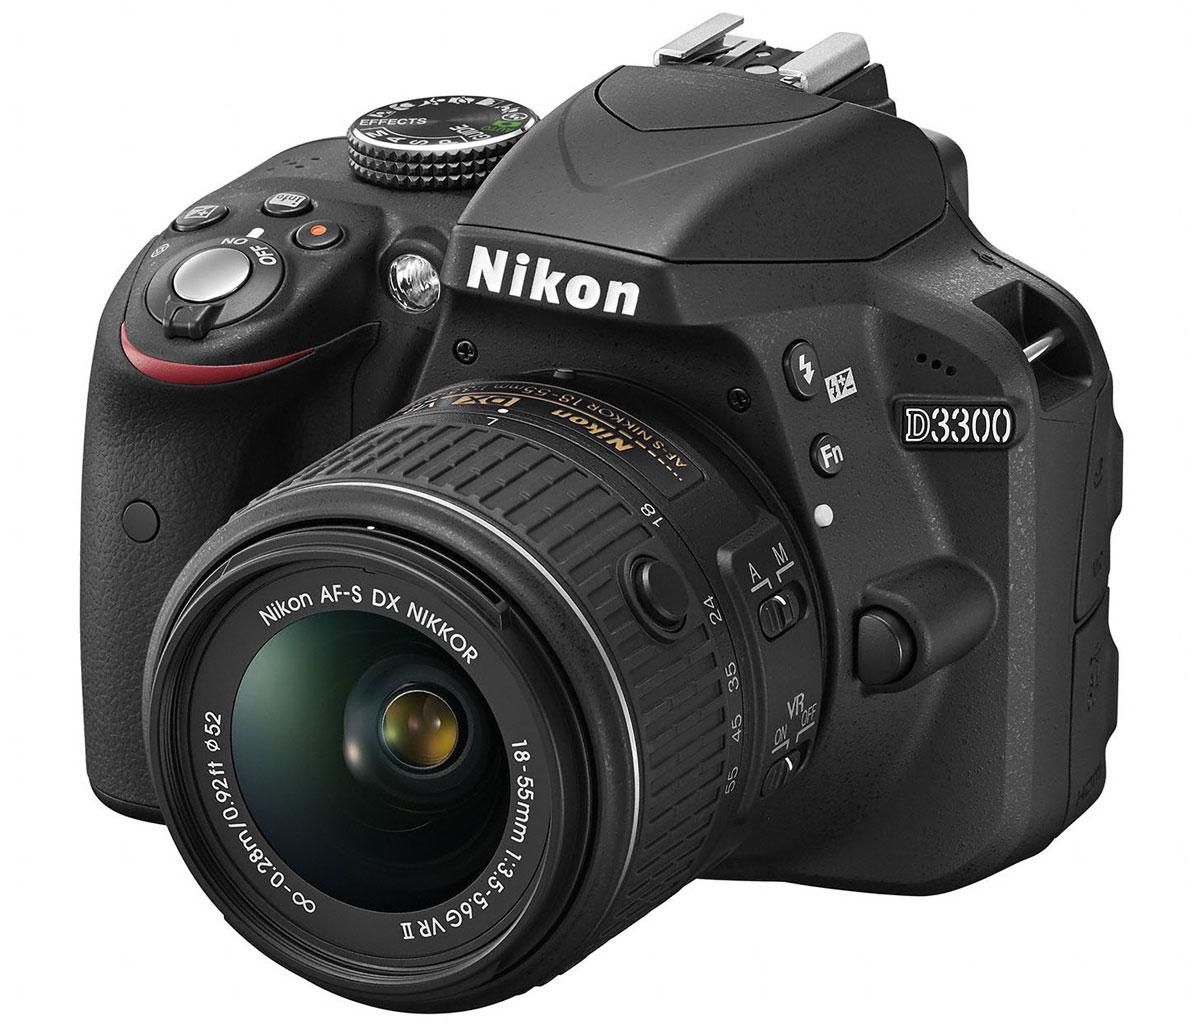 Nikon D3300 Kit 18-55 VR II, Black цифровая зеркальная фотокамераVBA390K001Мощная и простая в использовании цифровая зеркальная фотокамера Nikon D3300 с разрешением 24,2 мегапикселя имеет компактный корпус и небольшой вес. Ее удобно носить с собой, чтобы в нужный момент создавать незабываемые фотографии и видеоролики высокой четкости. Фотокамера D3300 оснащена матрицей с разрешением 24,2 млн пикселей, в конструкции которой не используется оптический низкочастотный фильтр (OLPF). Вы получите резкие и невероятно детализированные изображения даже при съемке текстур с мельчайшими деталями. Большая матрица способна запечатлеть мельчайшие детали с великолепной резкостью и демонстрирует превосходные результаты при слабом освещении. Диапазон значений от 100 до 12 800 единиц ISO (с возможностью расширения до эквивалента 25 600 единиц) позволяет передать все детали при съемке в темноте. В фотокамере Nikon D3300 на выбор предлагаются 13 эффектов, которые позволяют с легкостью создавать художественные фотографии и видеоролики....